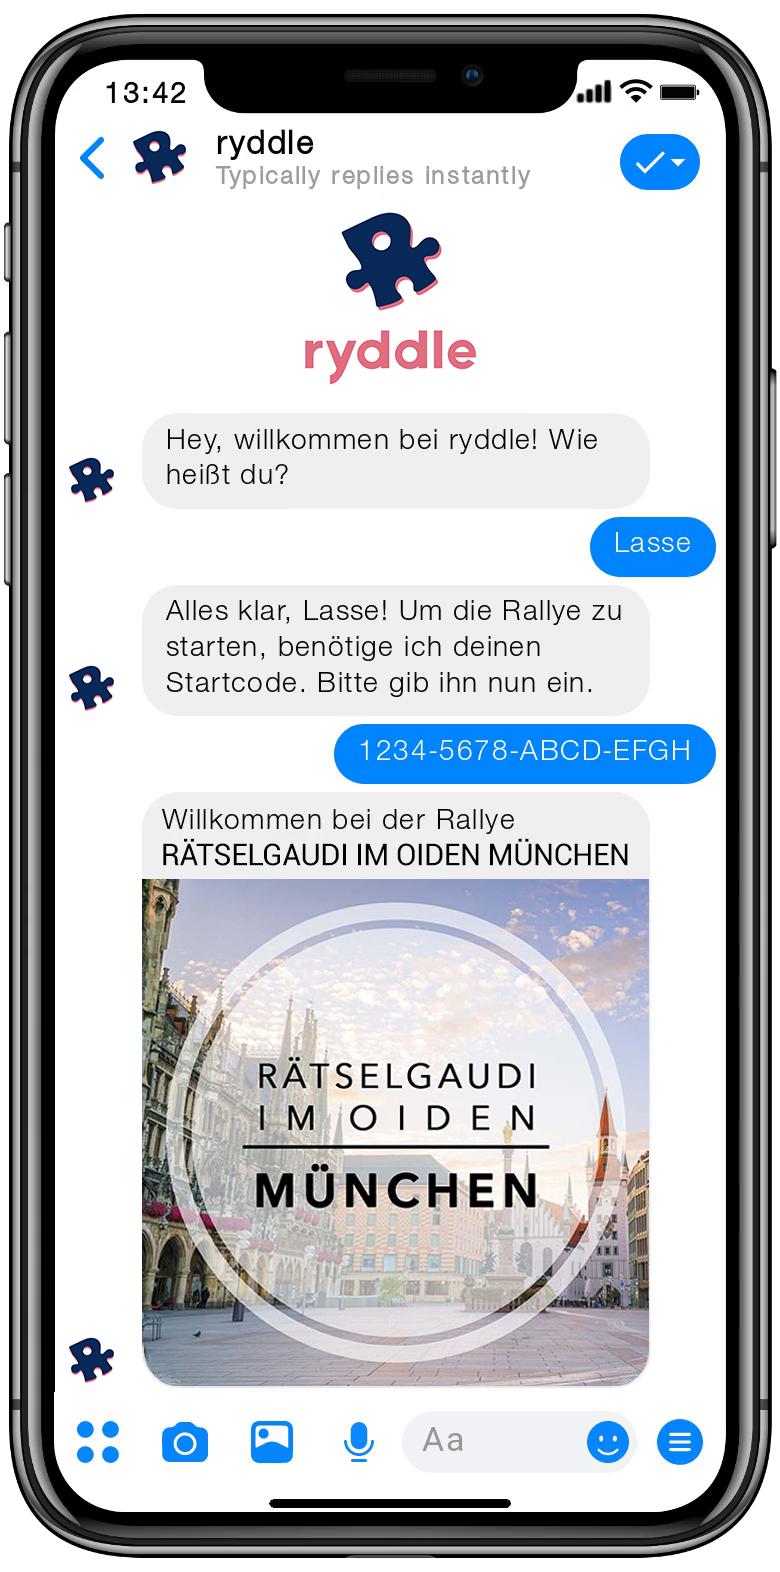 Stadtrallye München - Vorschau der Smartphone Schnitzeljagd